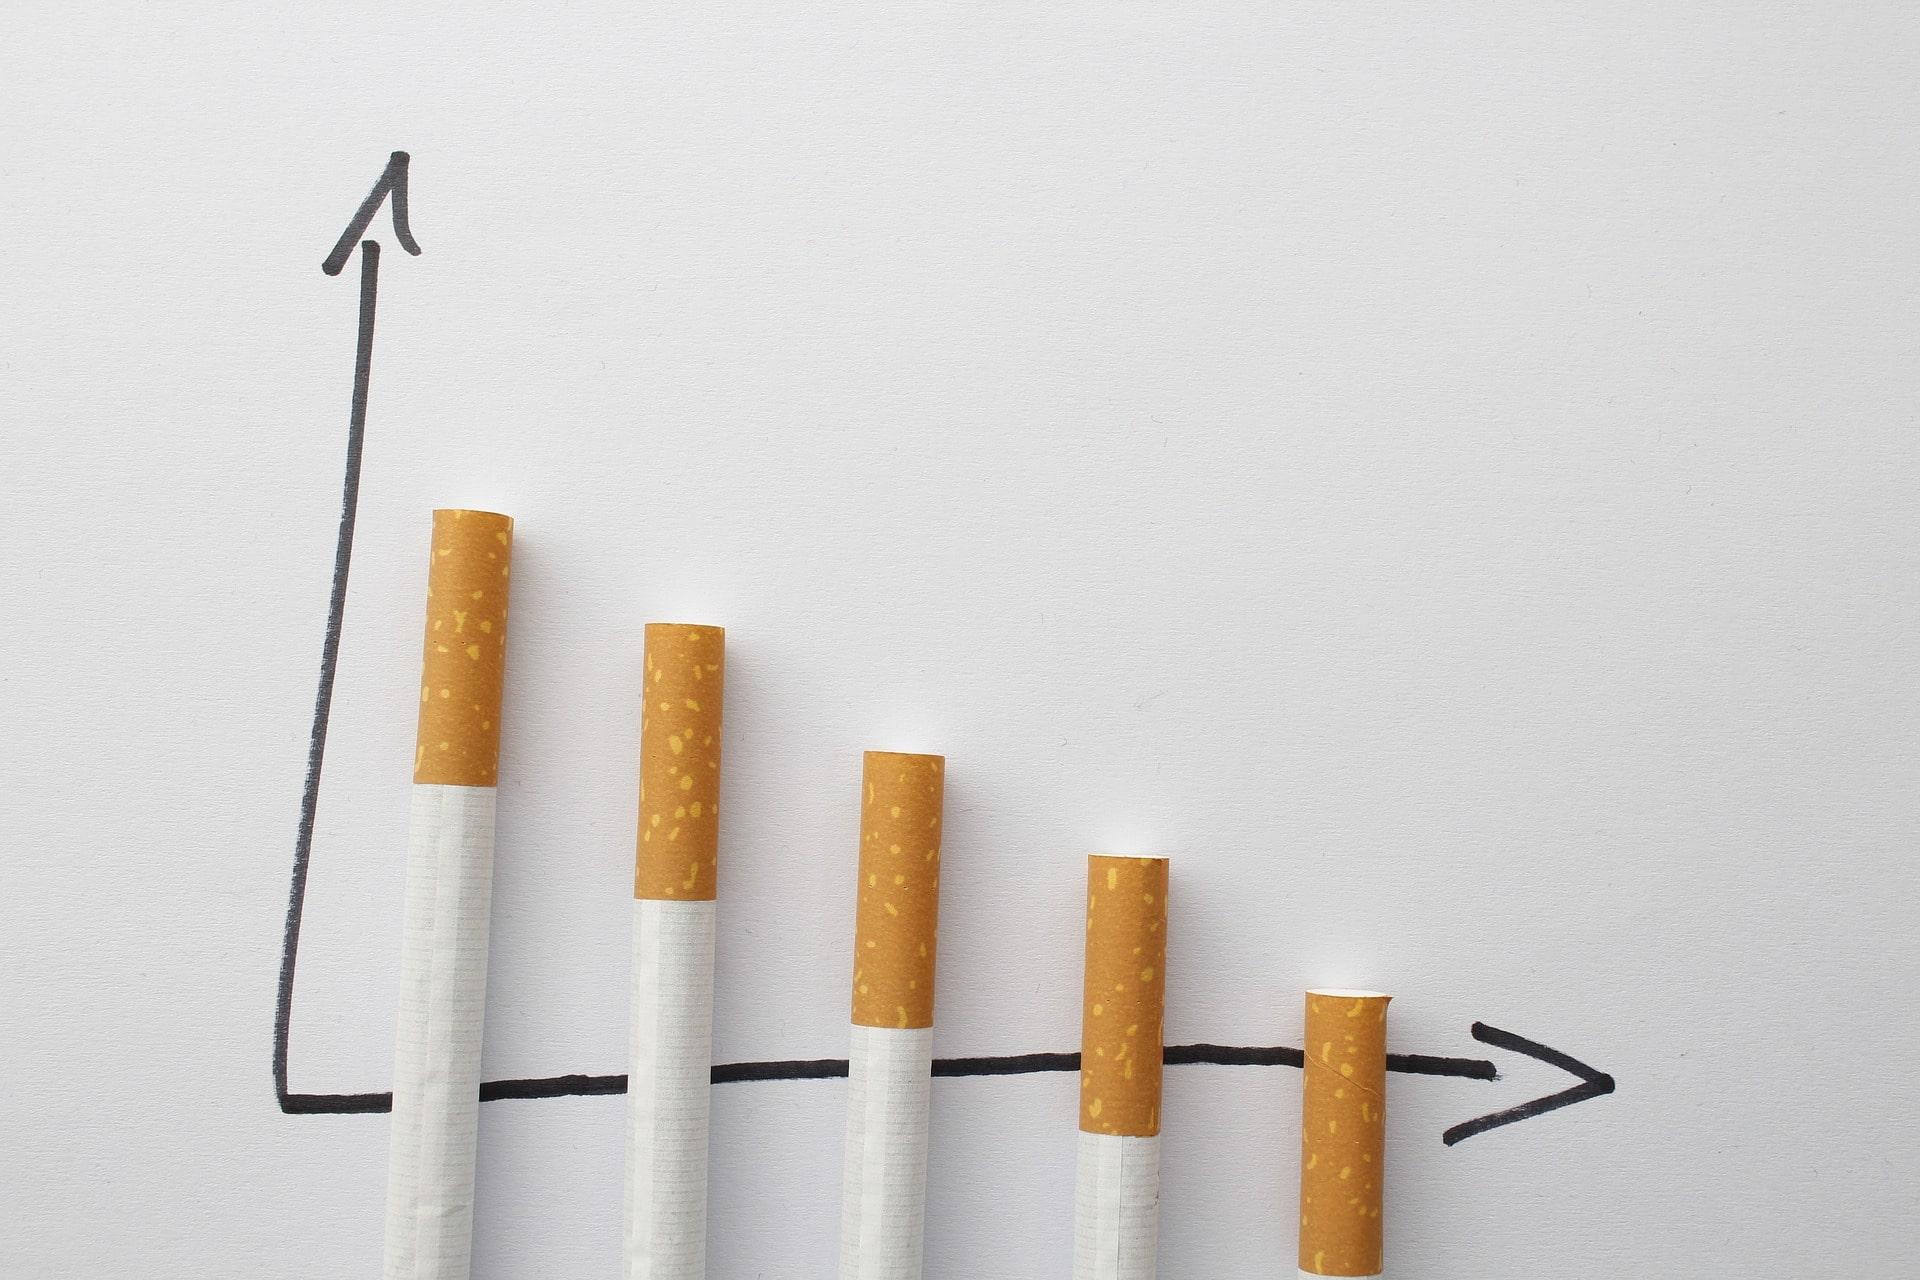 Kan ik ook minderen met roken in plaats van stoppen?